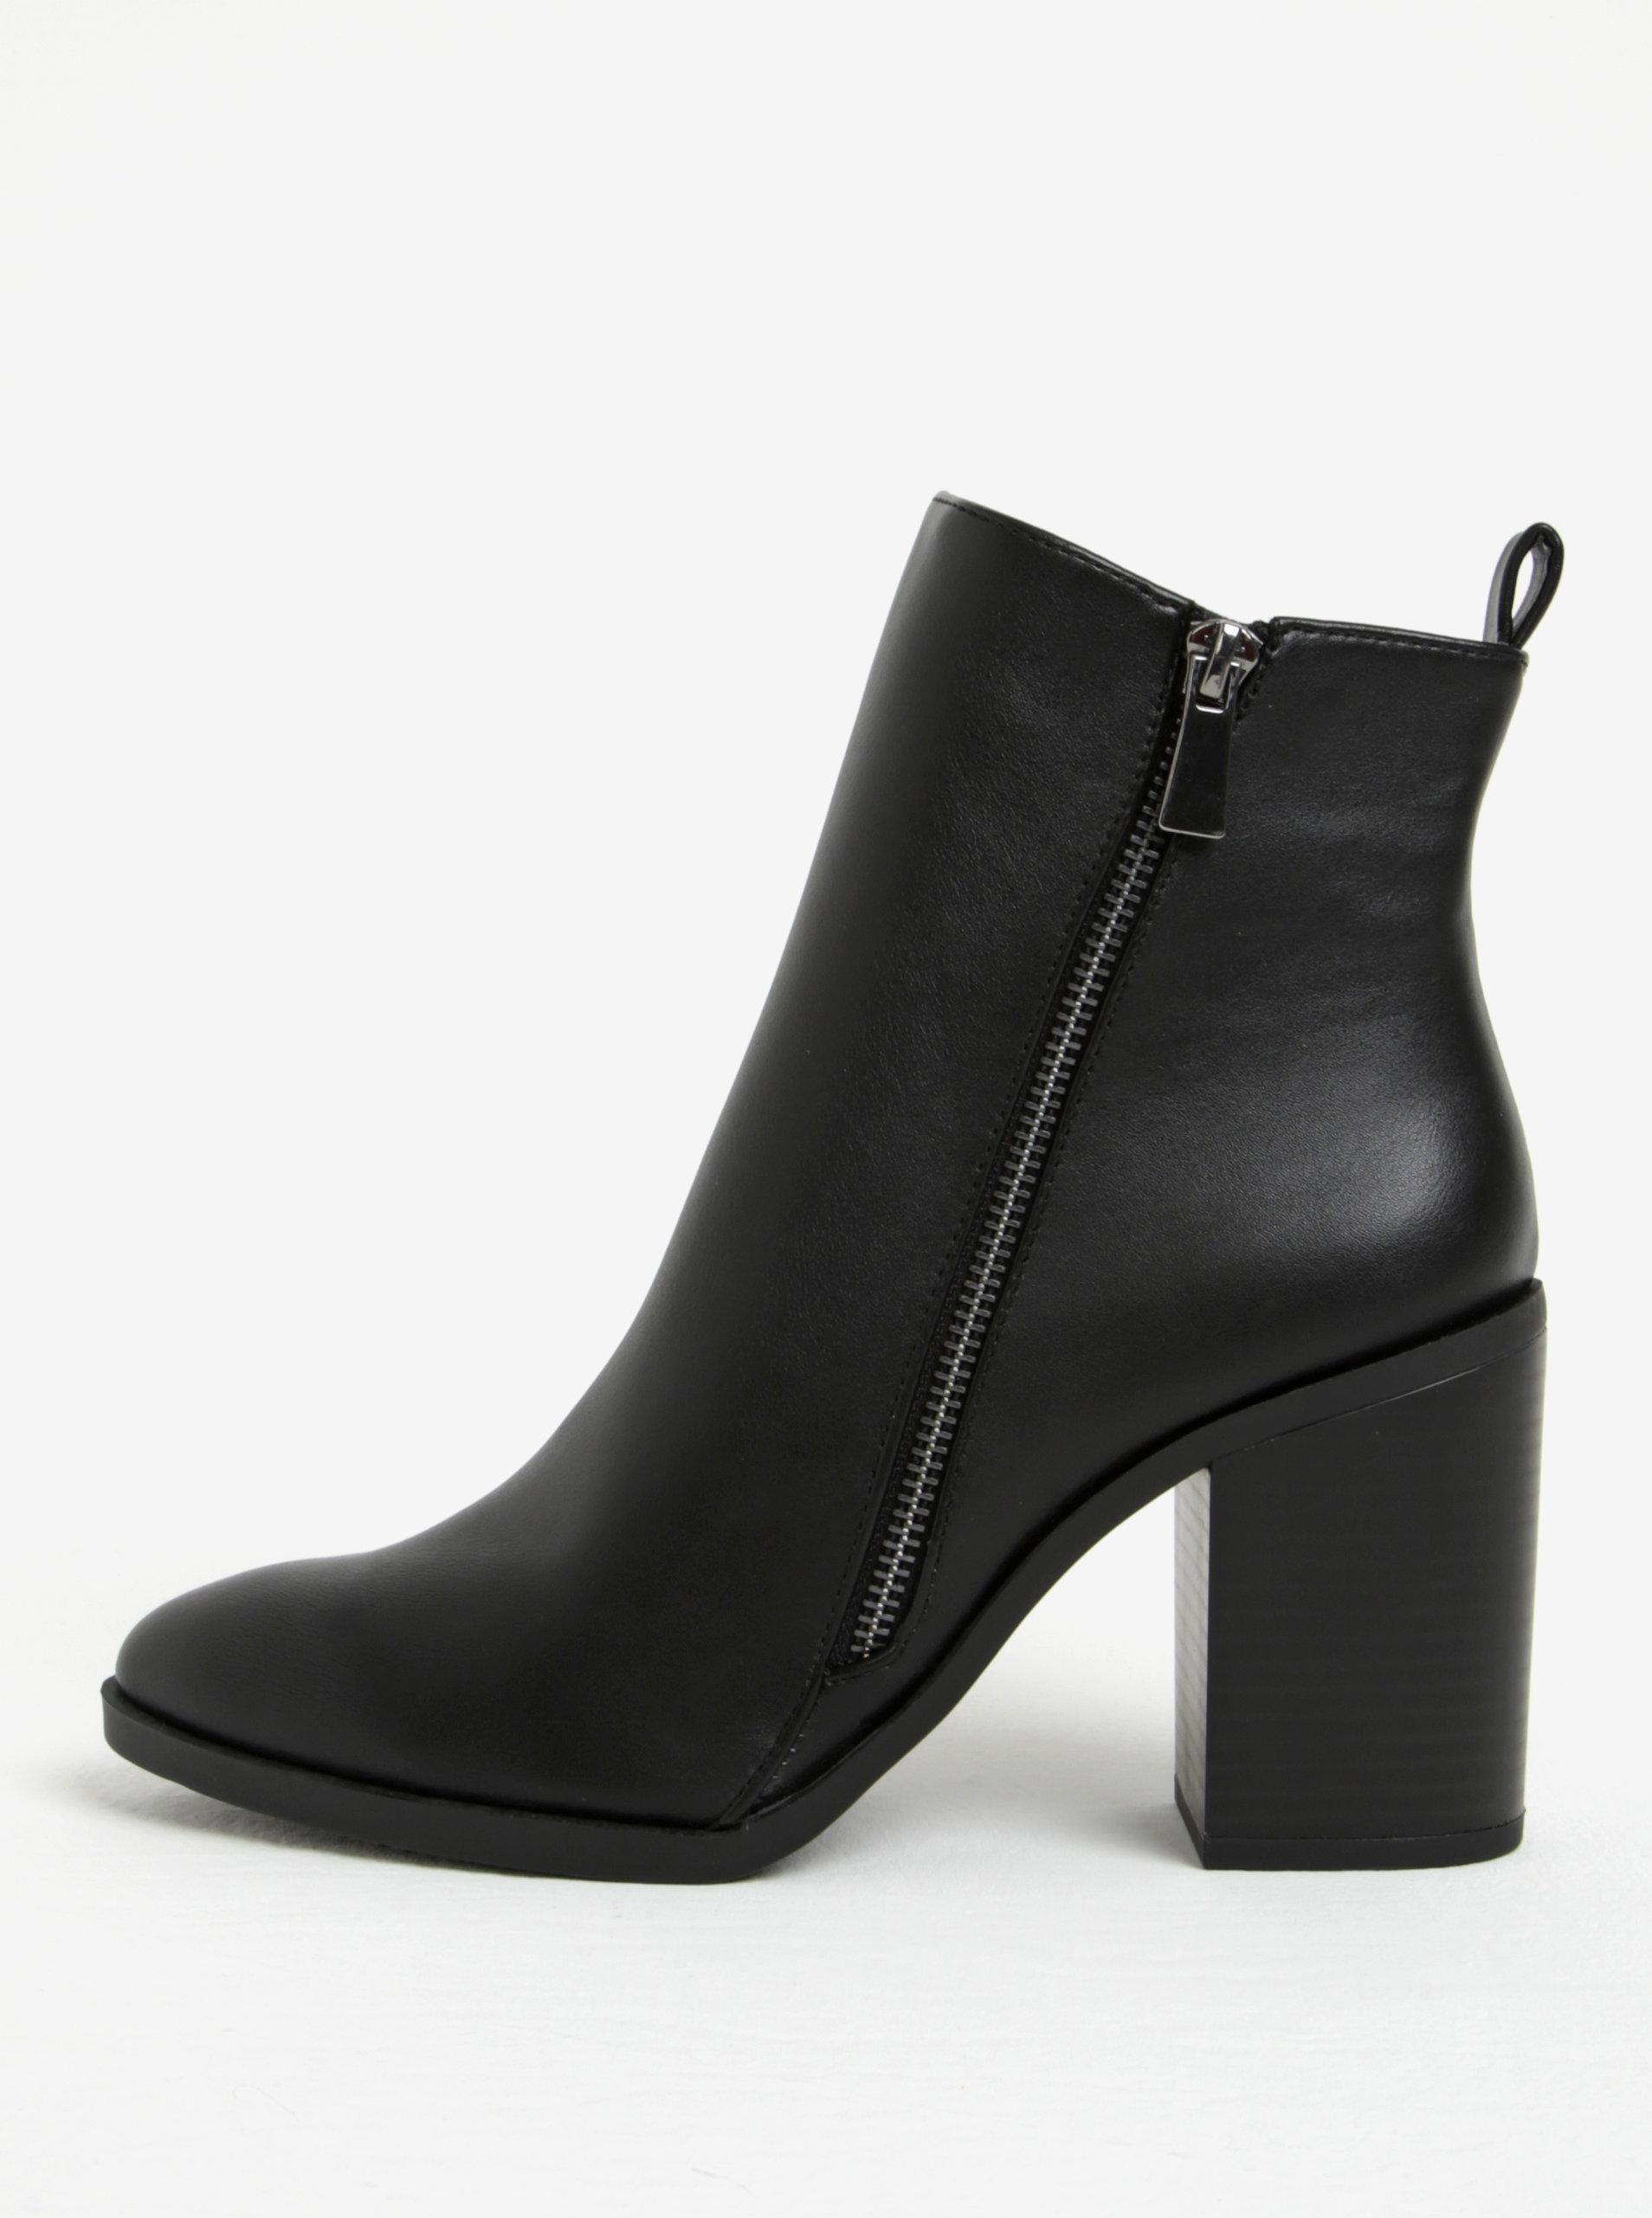 Černé kotníkové boty na širokém podpatku Dorothy Perkins ... 0f2f57c952